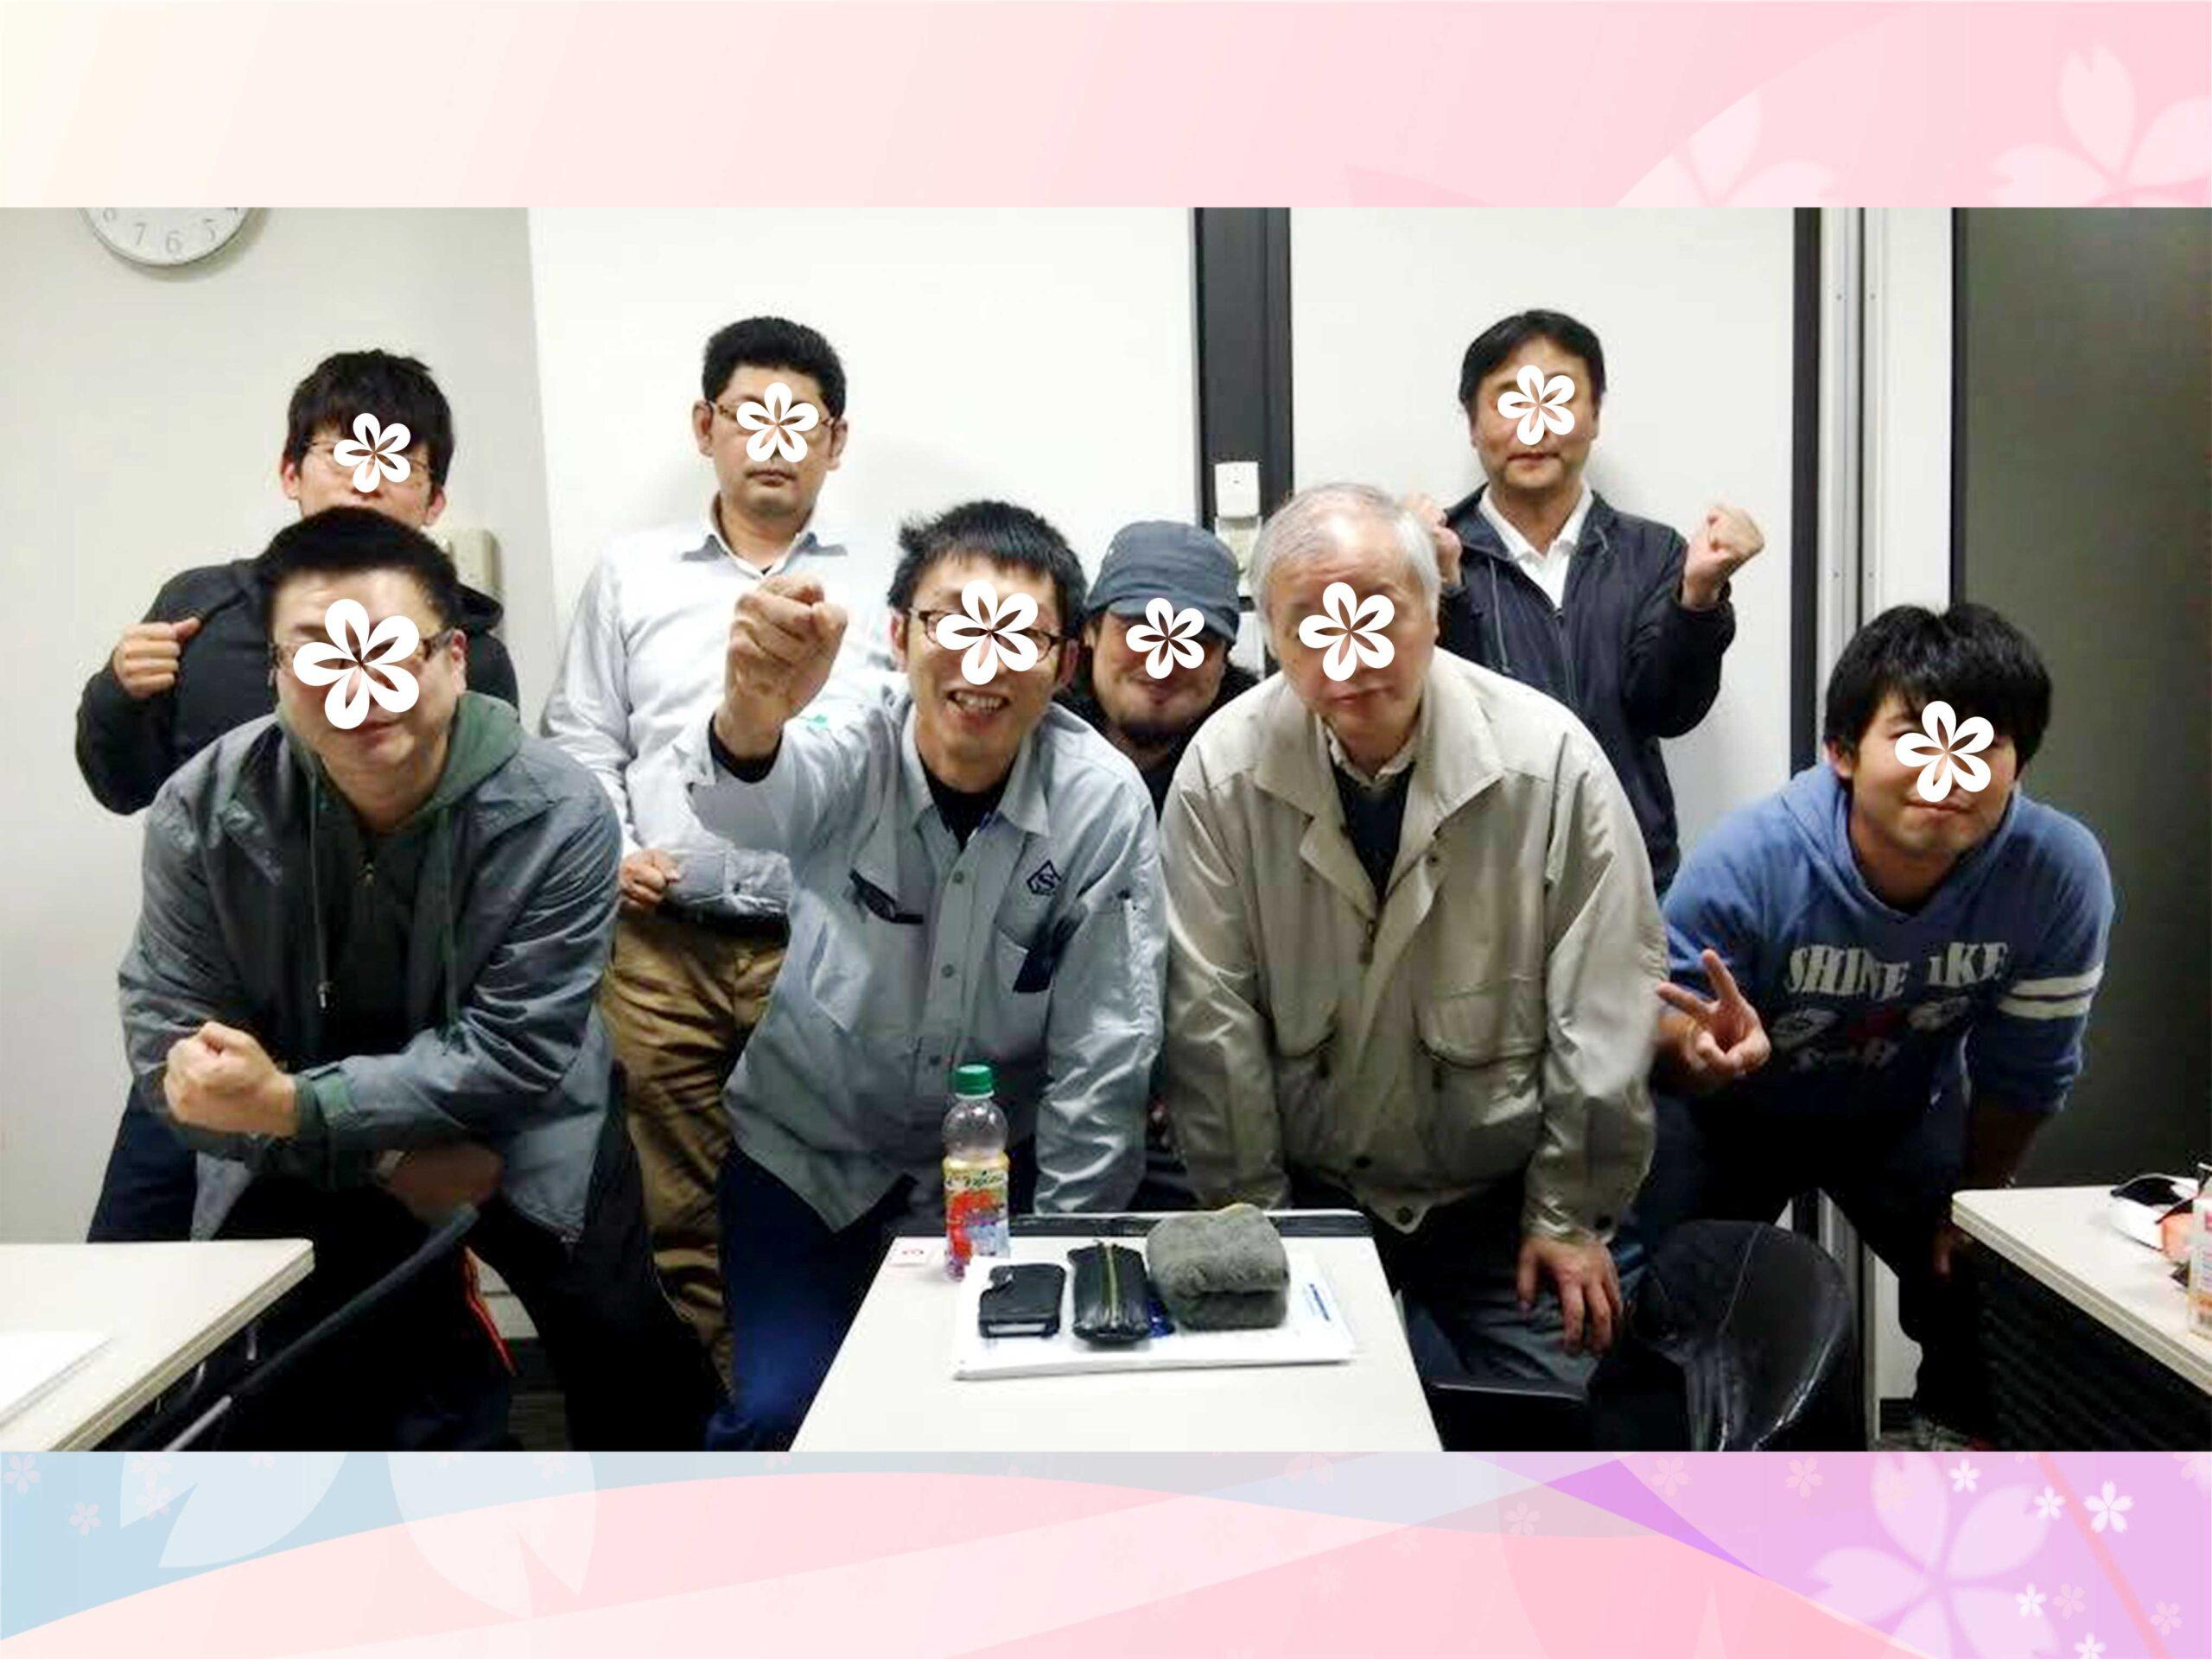 危険物取扱者【乙4】講習会@東京 2015/10/17~18